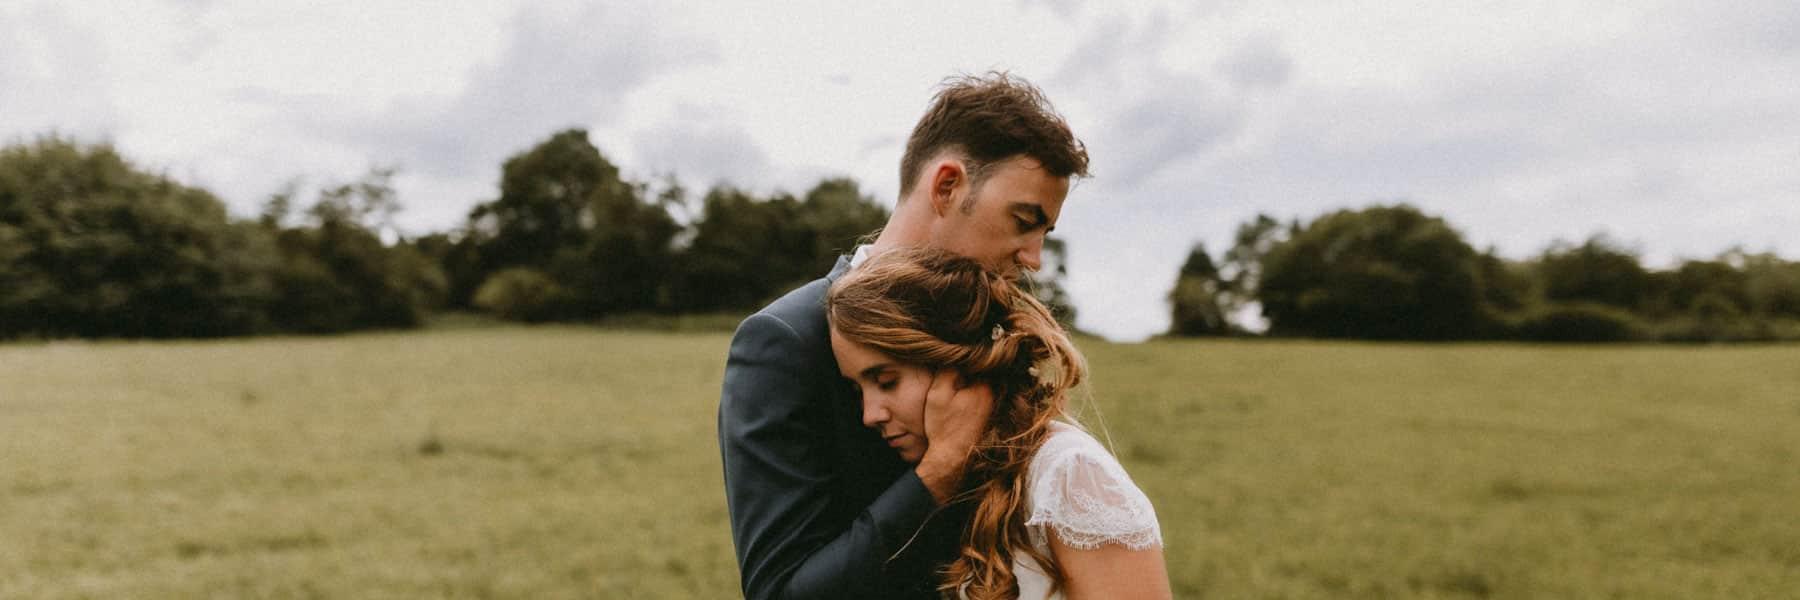 photographe mariage Amboise